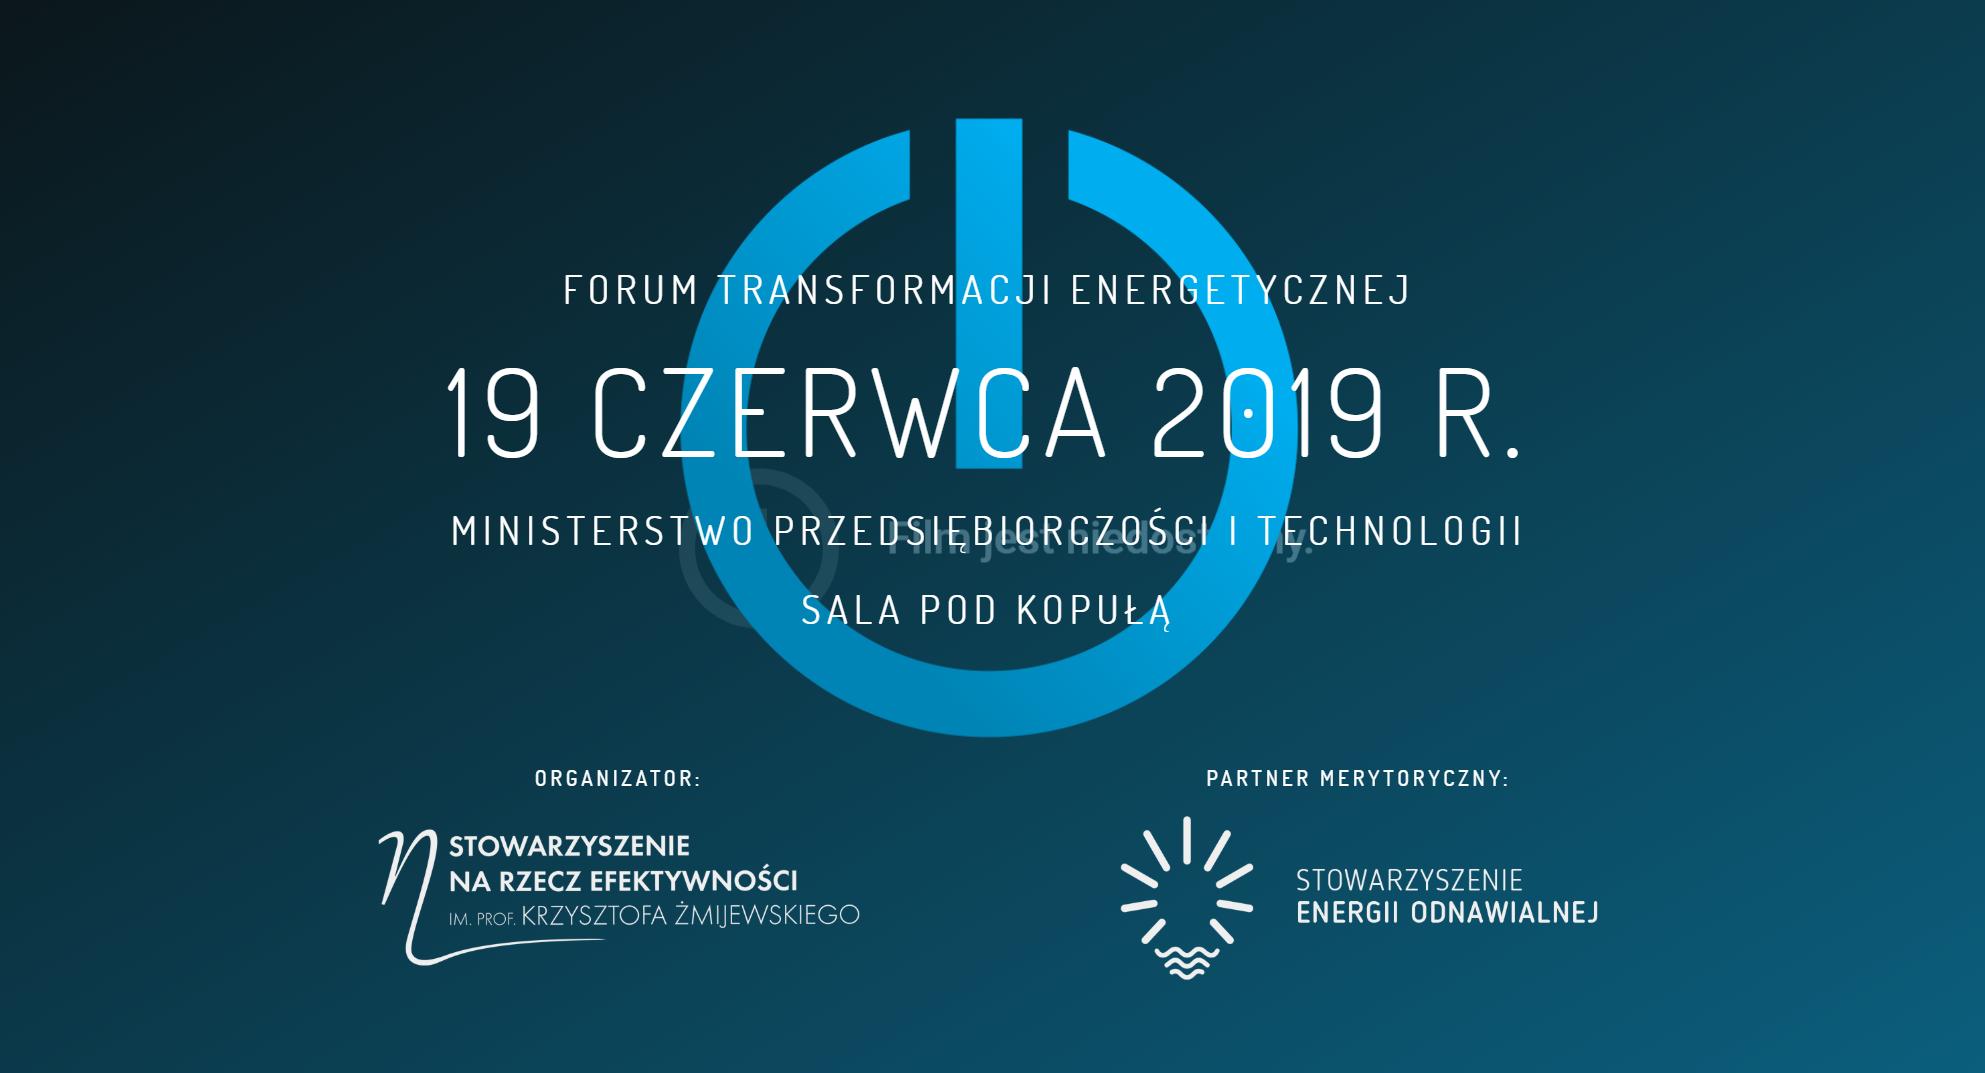 Forum Transformacji Energetycznej